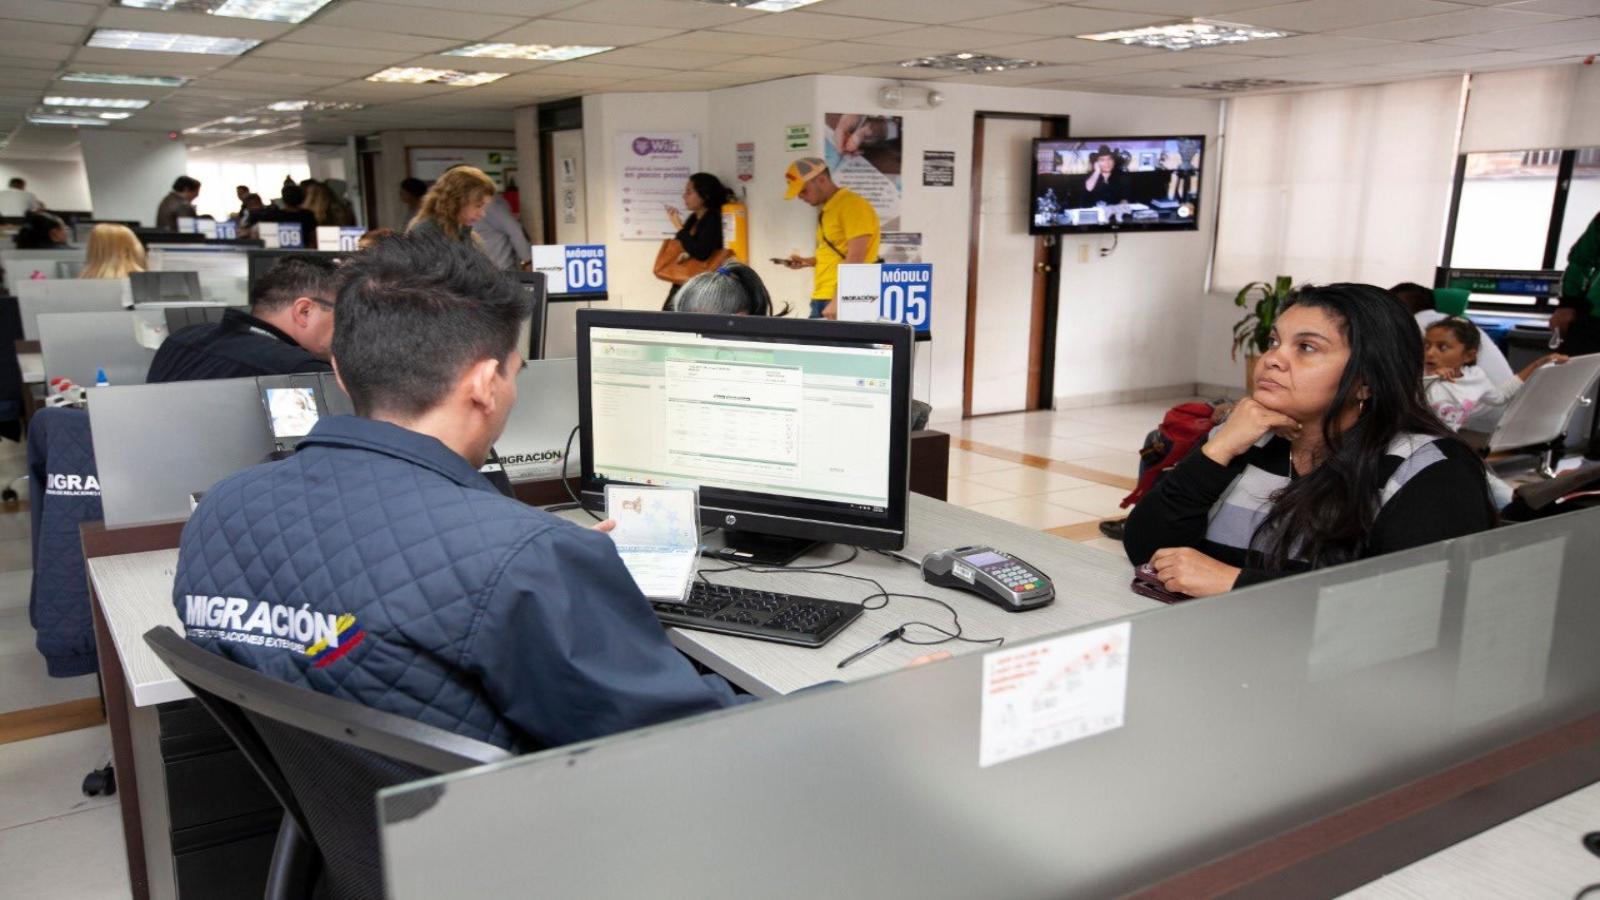 Simplificar trámites, identificación a largo plazo y acceso laboral piden ONG venezolanas